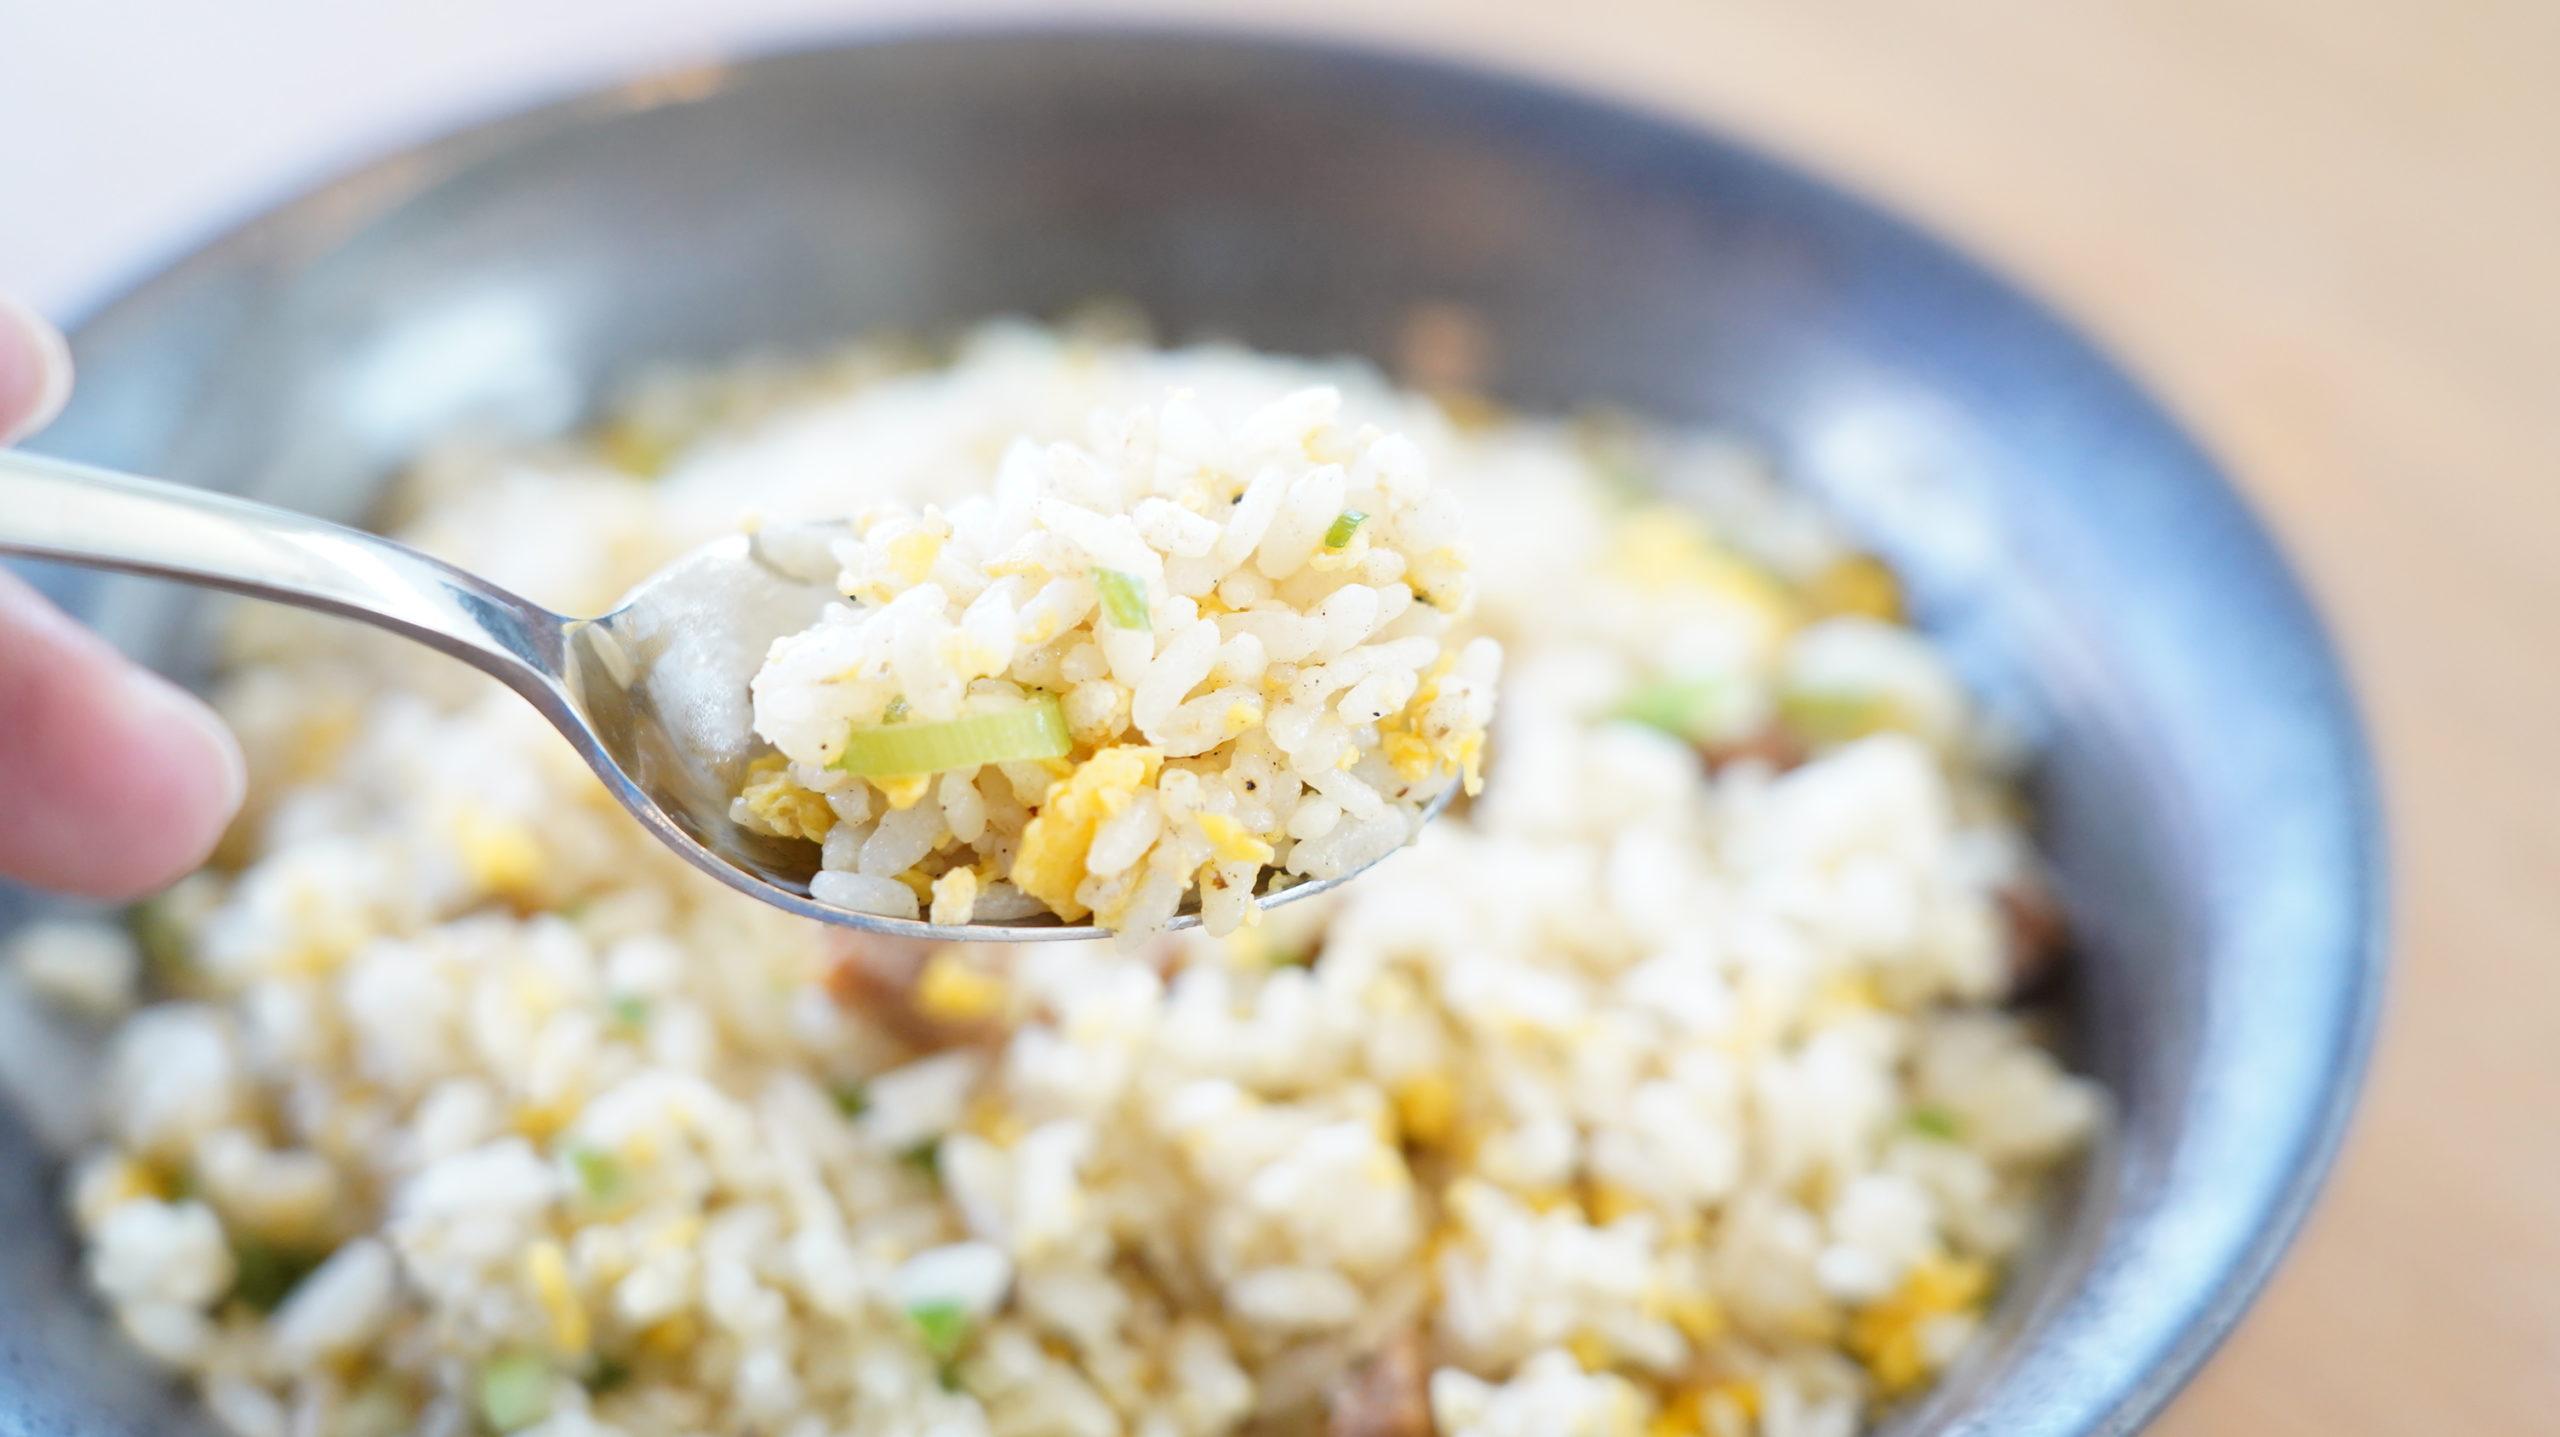 味の素の冷凍食品「焦がしにんにくのマー油と葱油が香るザ★チャーハン」のクローズアップ写真